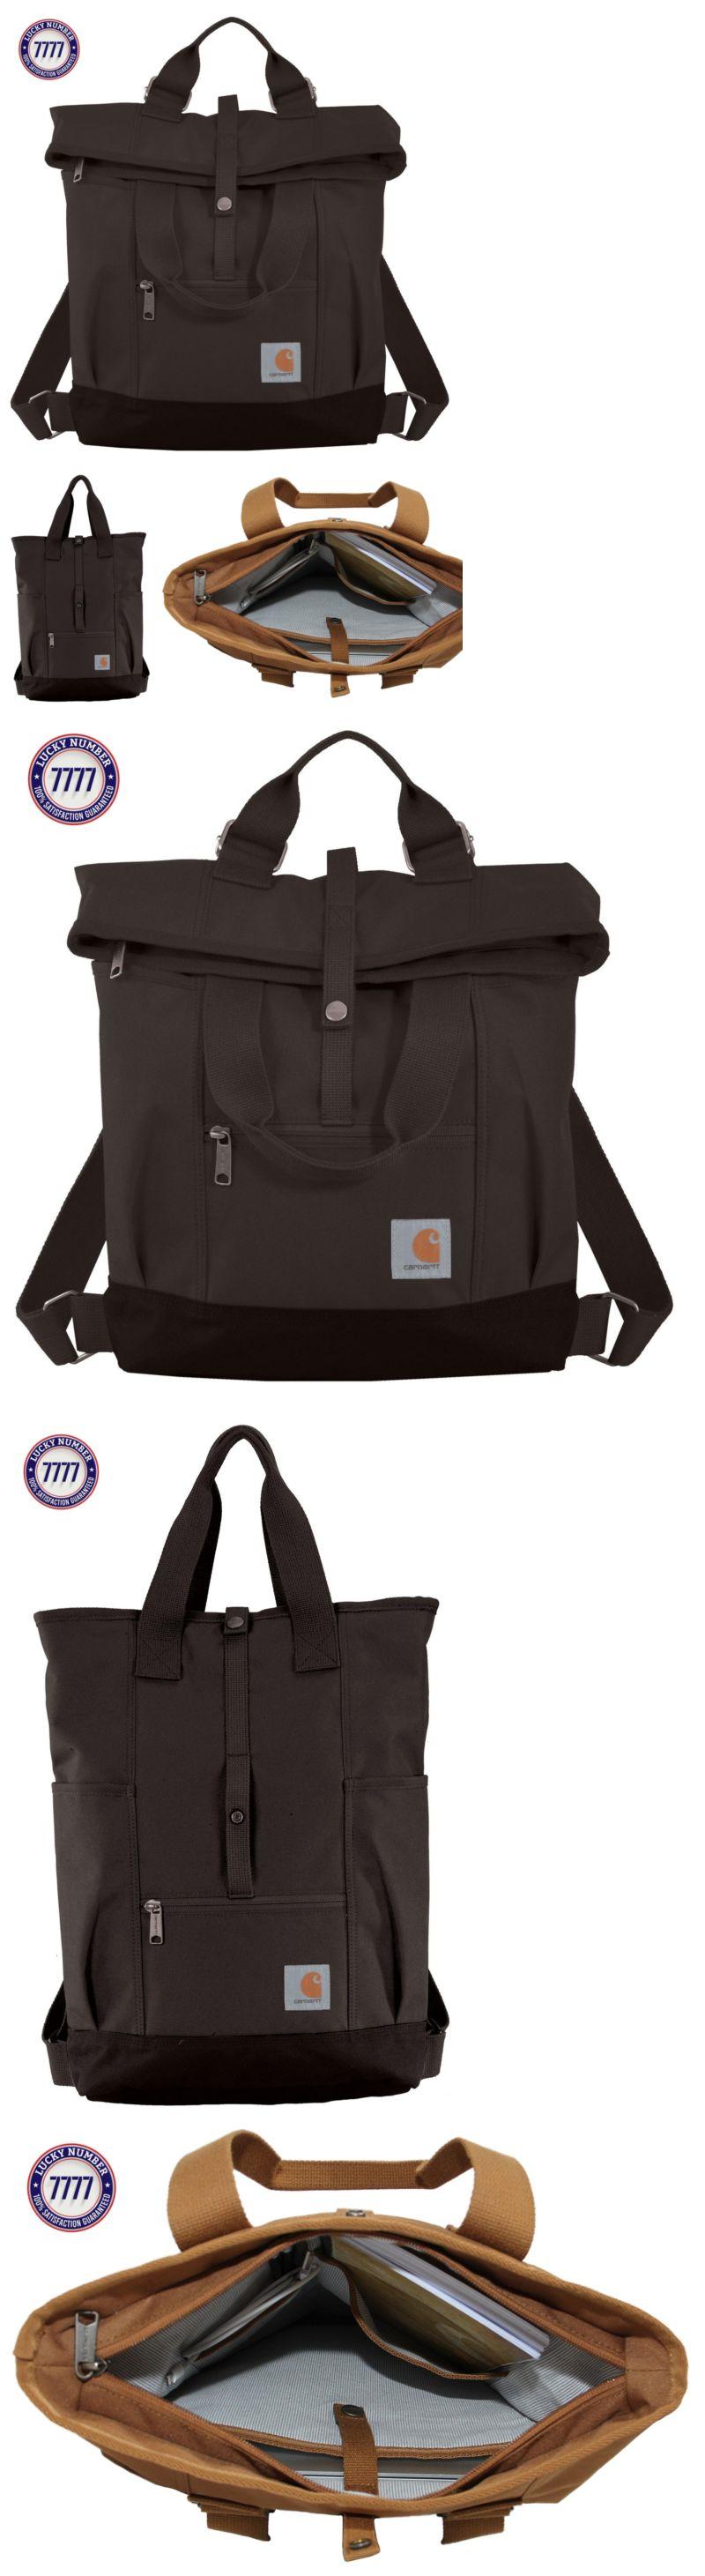 Duffel and Gym Bags 169296: Carhartt Legacy Women S Hybrid ...